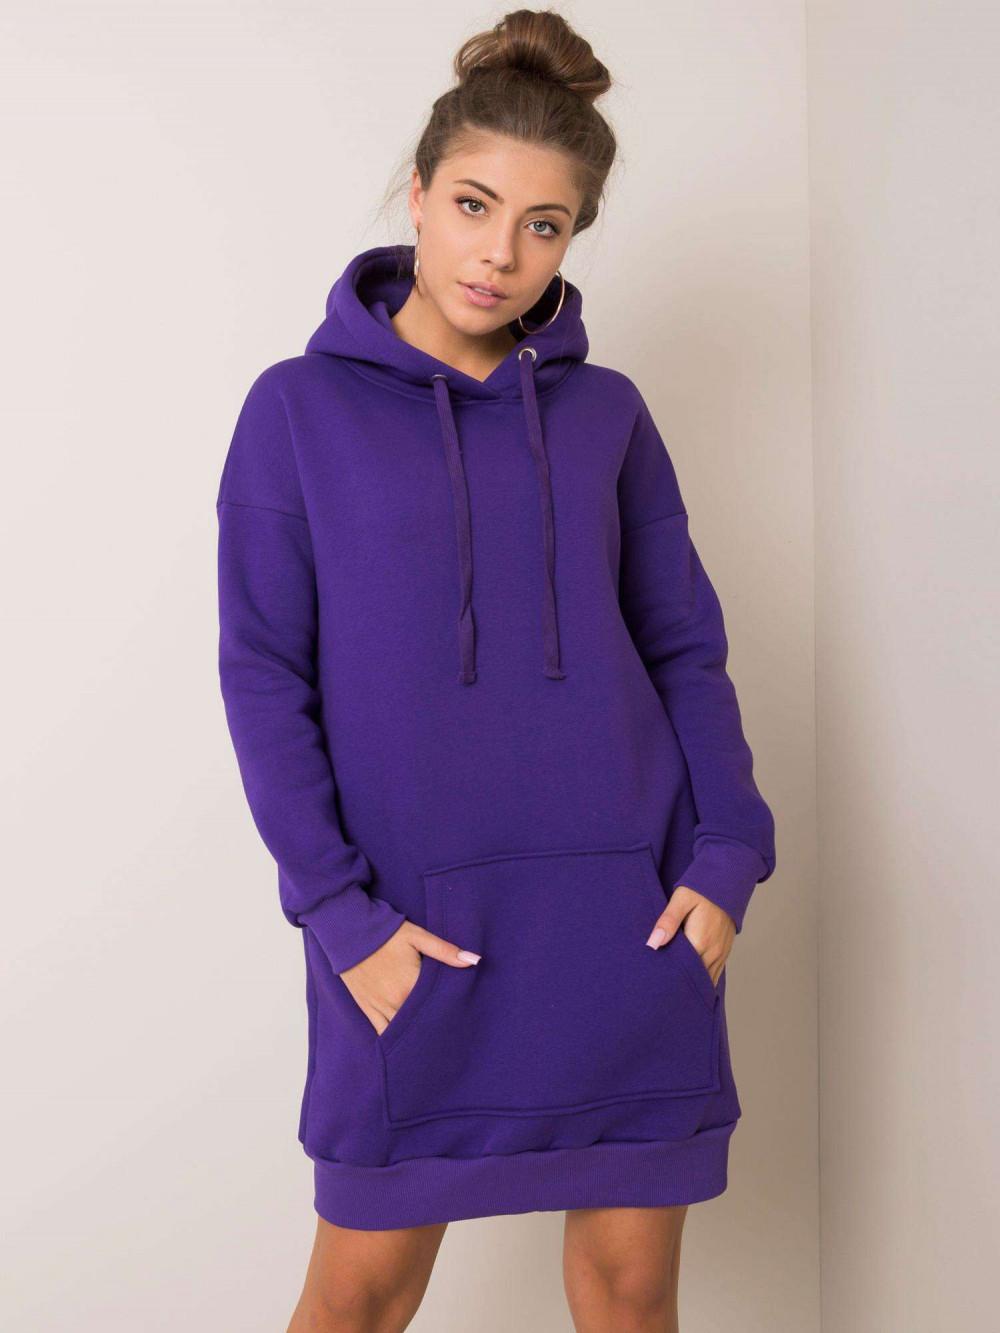 Fioletowa sukienka bluza kangur Detroit 2